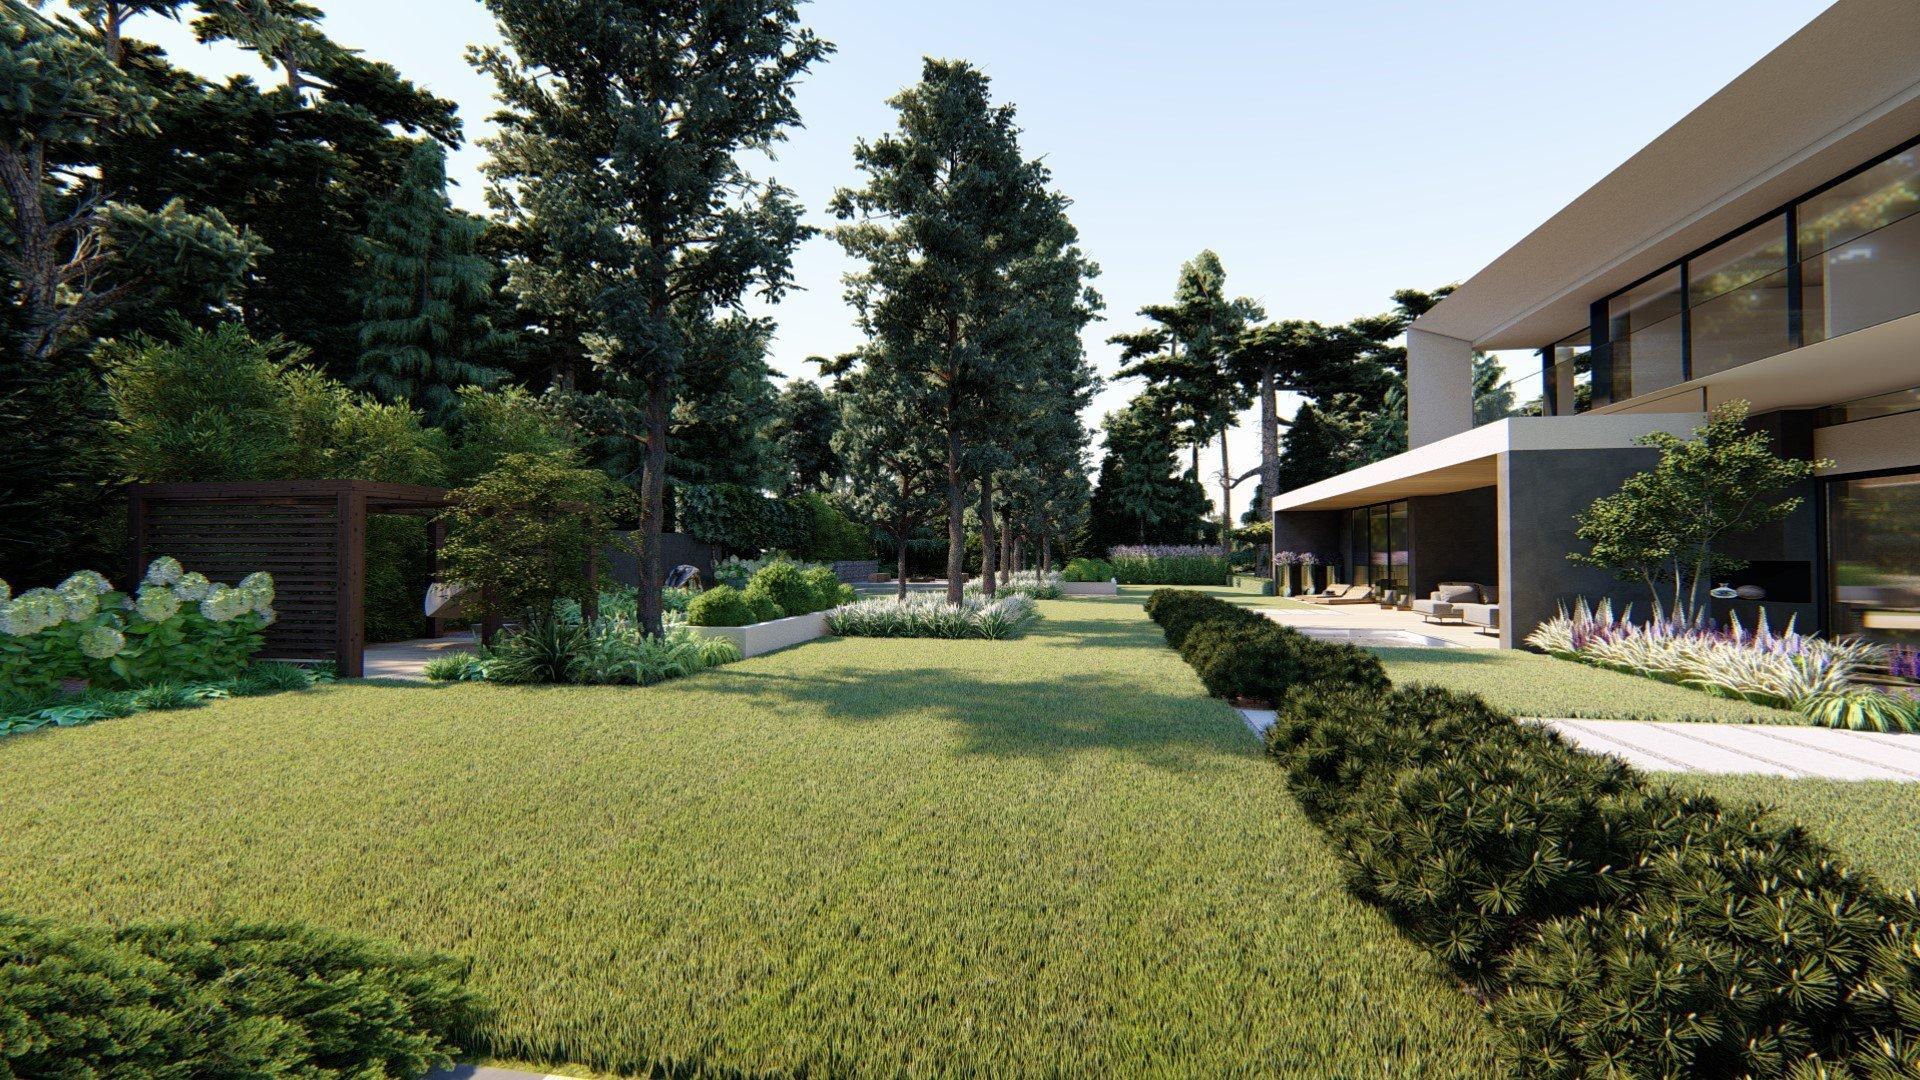 Zahradní koncept u moderní vily v blízkosti Poznani. Zahrada, která respektuje okolní přírodu a zapadá do okolního lesa :) K dispozici jsou prvky, jako je…